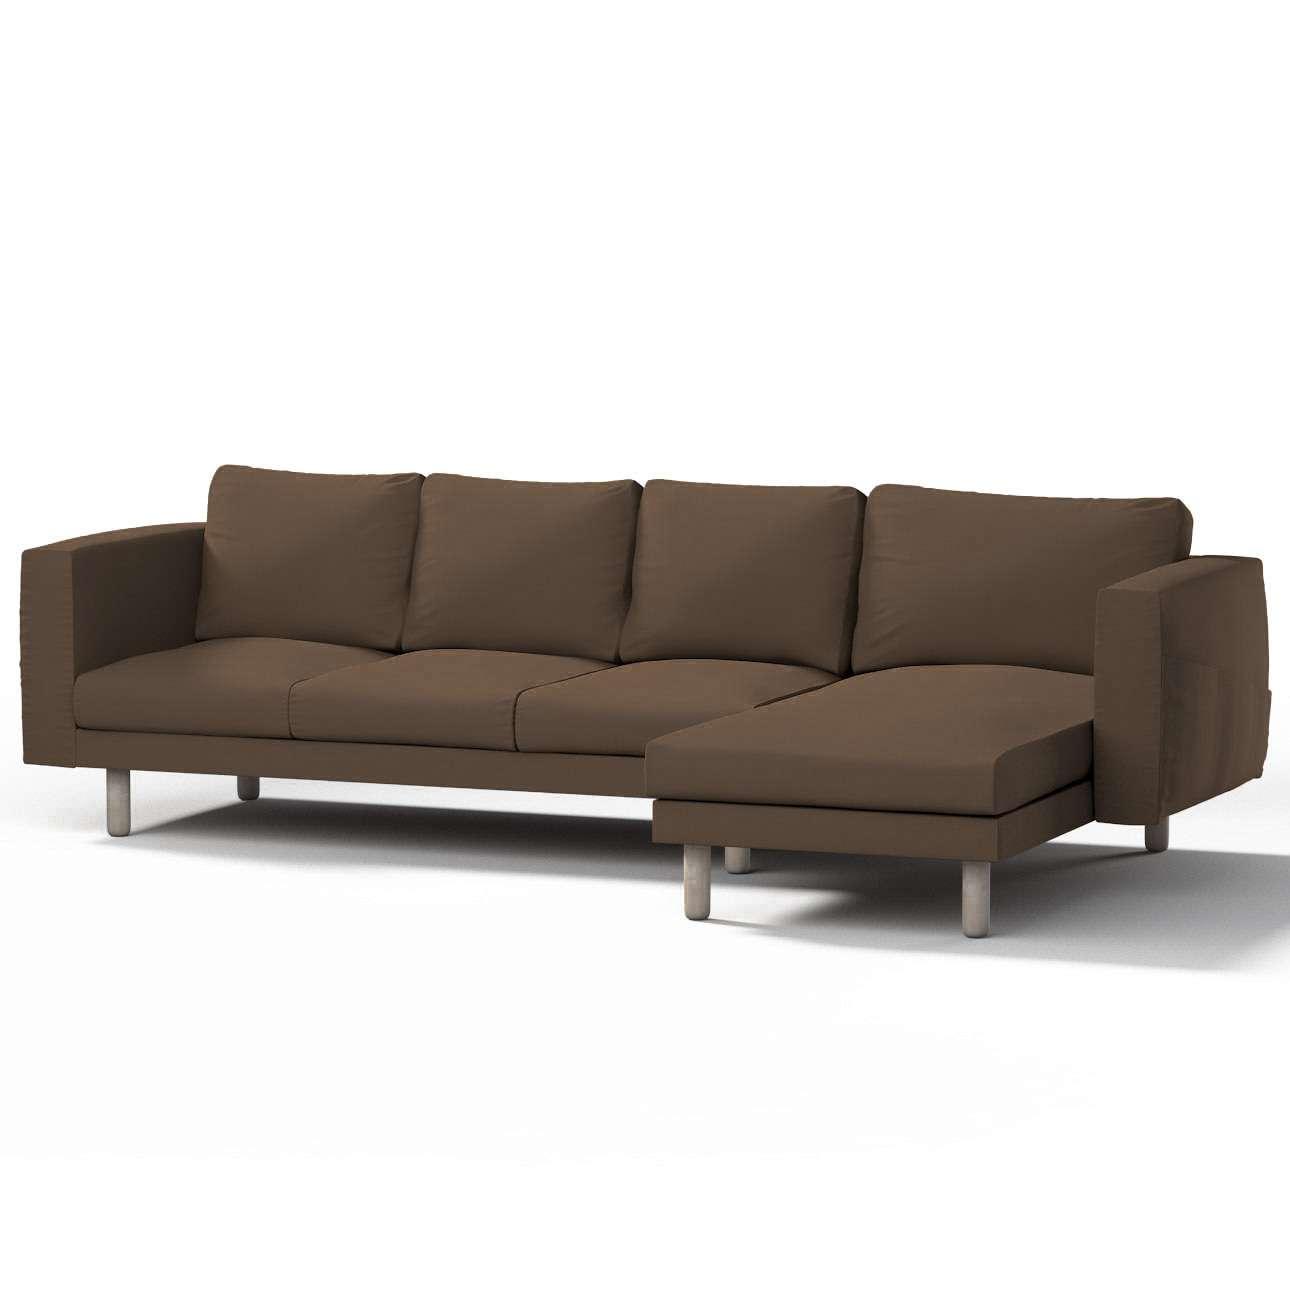 Pokrowiec na sofę Norsborg 4-osobową z szezlongiem w kolekcji Cotton Panama, tkanina: 702-02